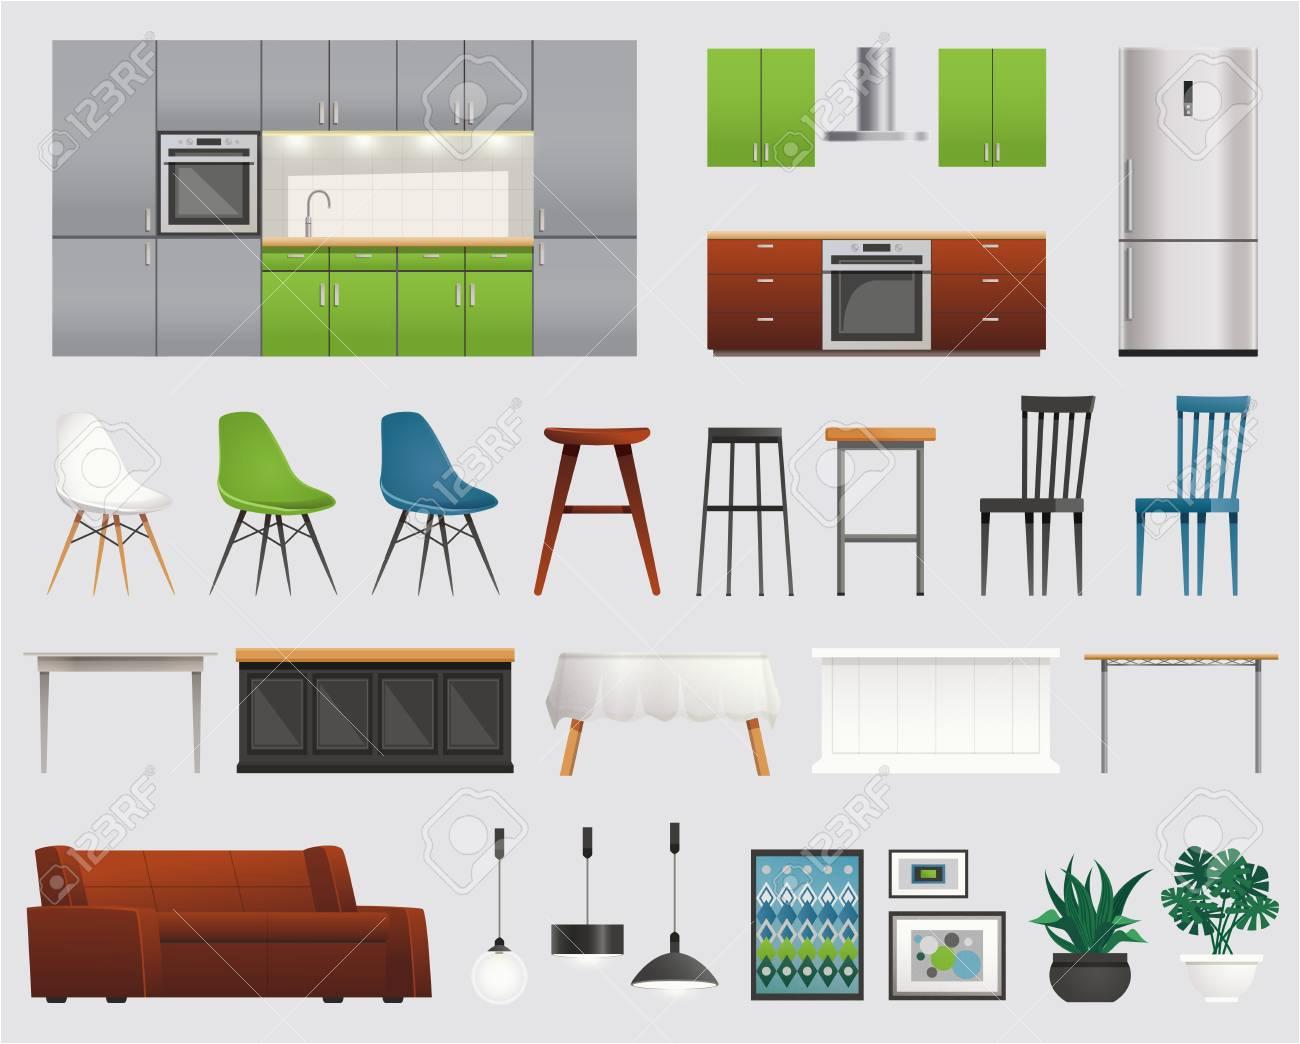 Küche Wasserhahn Zubehör Regal Ideen Wohnzimmer